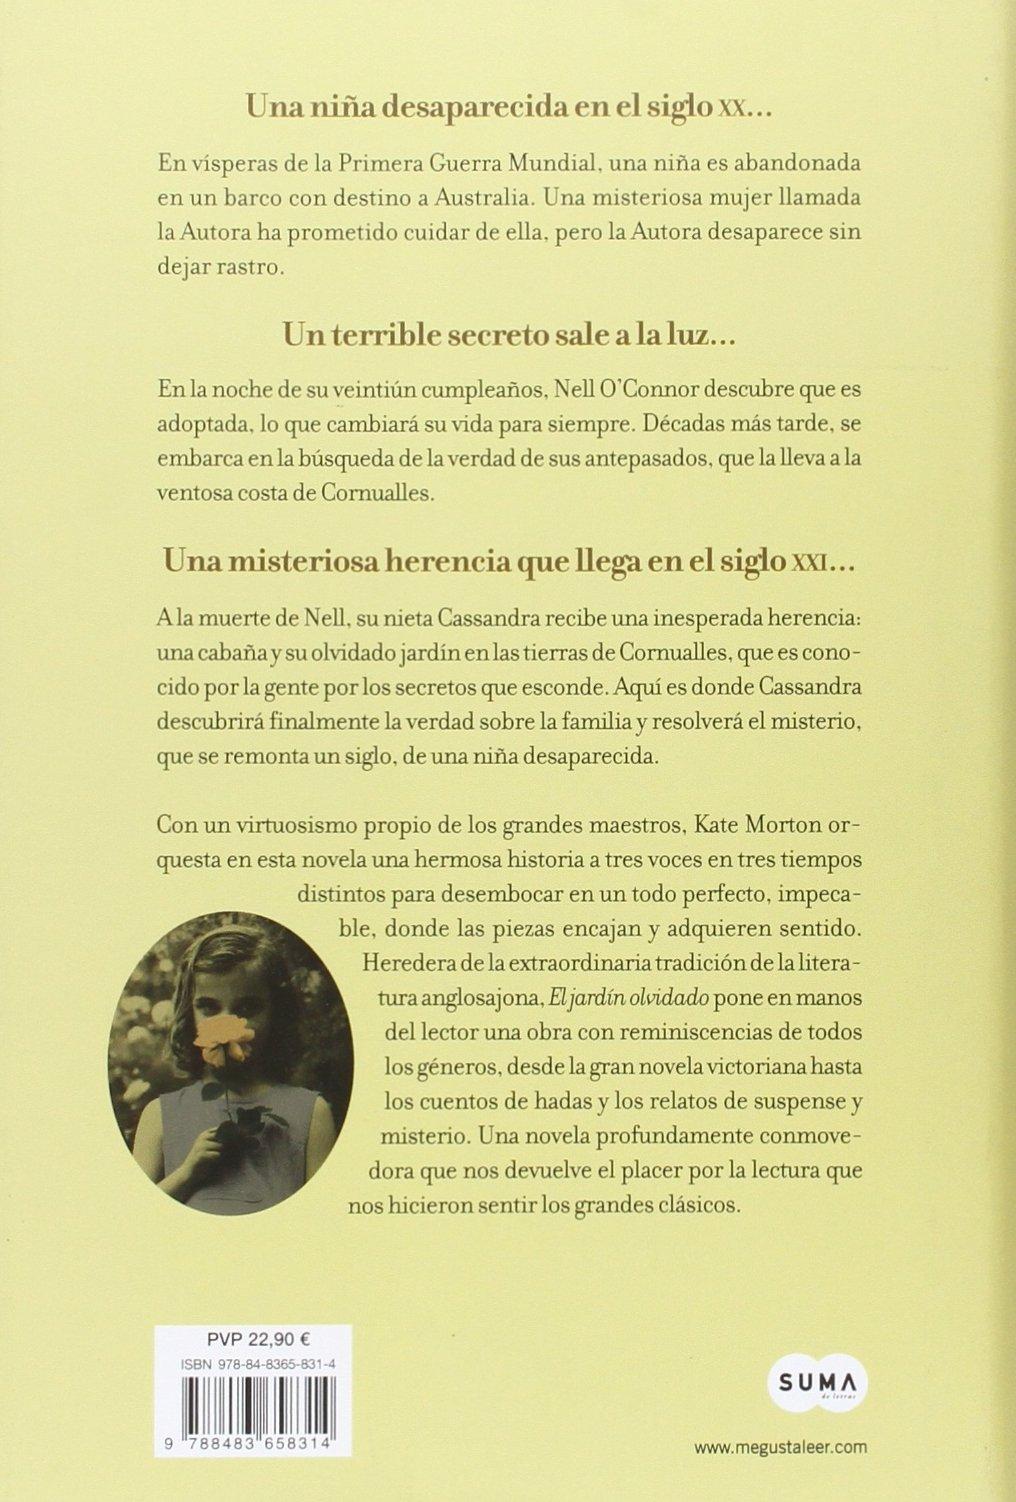 El Jardín Olvidado Edición especial regalo Femenino singular: Amazon.es: Morton, Kate: Libros